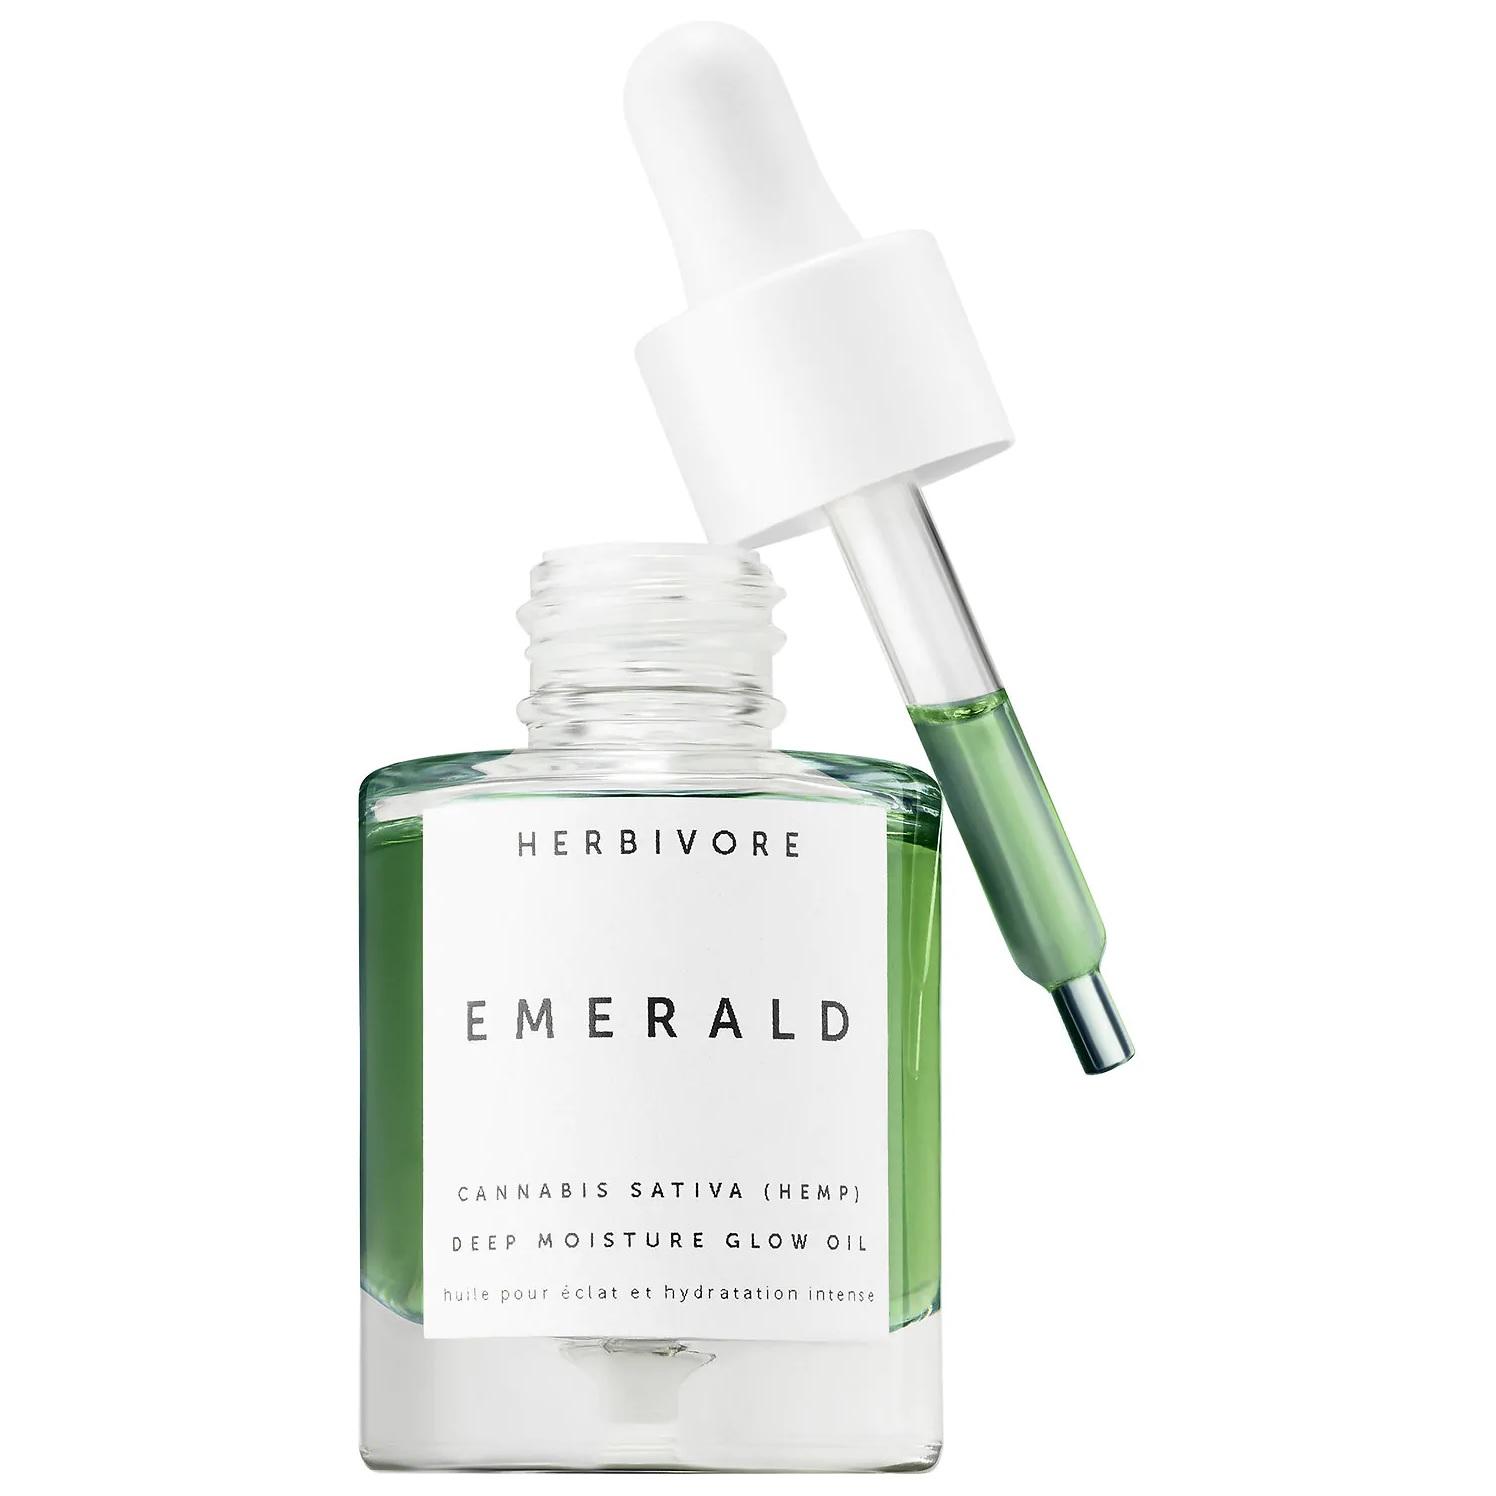 Herbivore Emerald Cannabis Sativa Hemp Seed Deep Moisture Glow Oil busca devolverle el resplandor a la piel con ingredientes tales como aceite semilla cáñamo de cannabis sativa, Squalane y adaptógenos para calmar y nutrir la piel con una hidratación profunda y duradera.  (Suministrada)